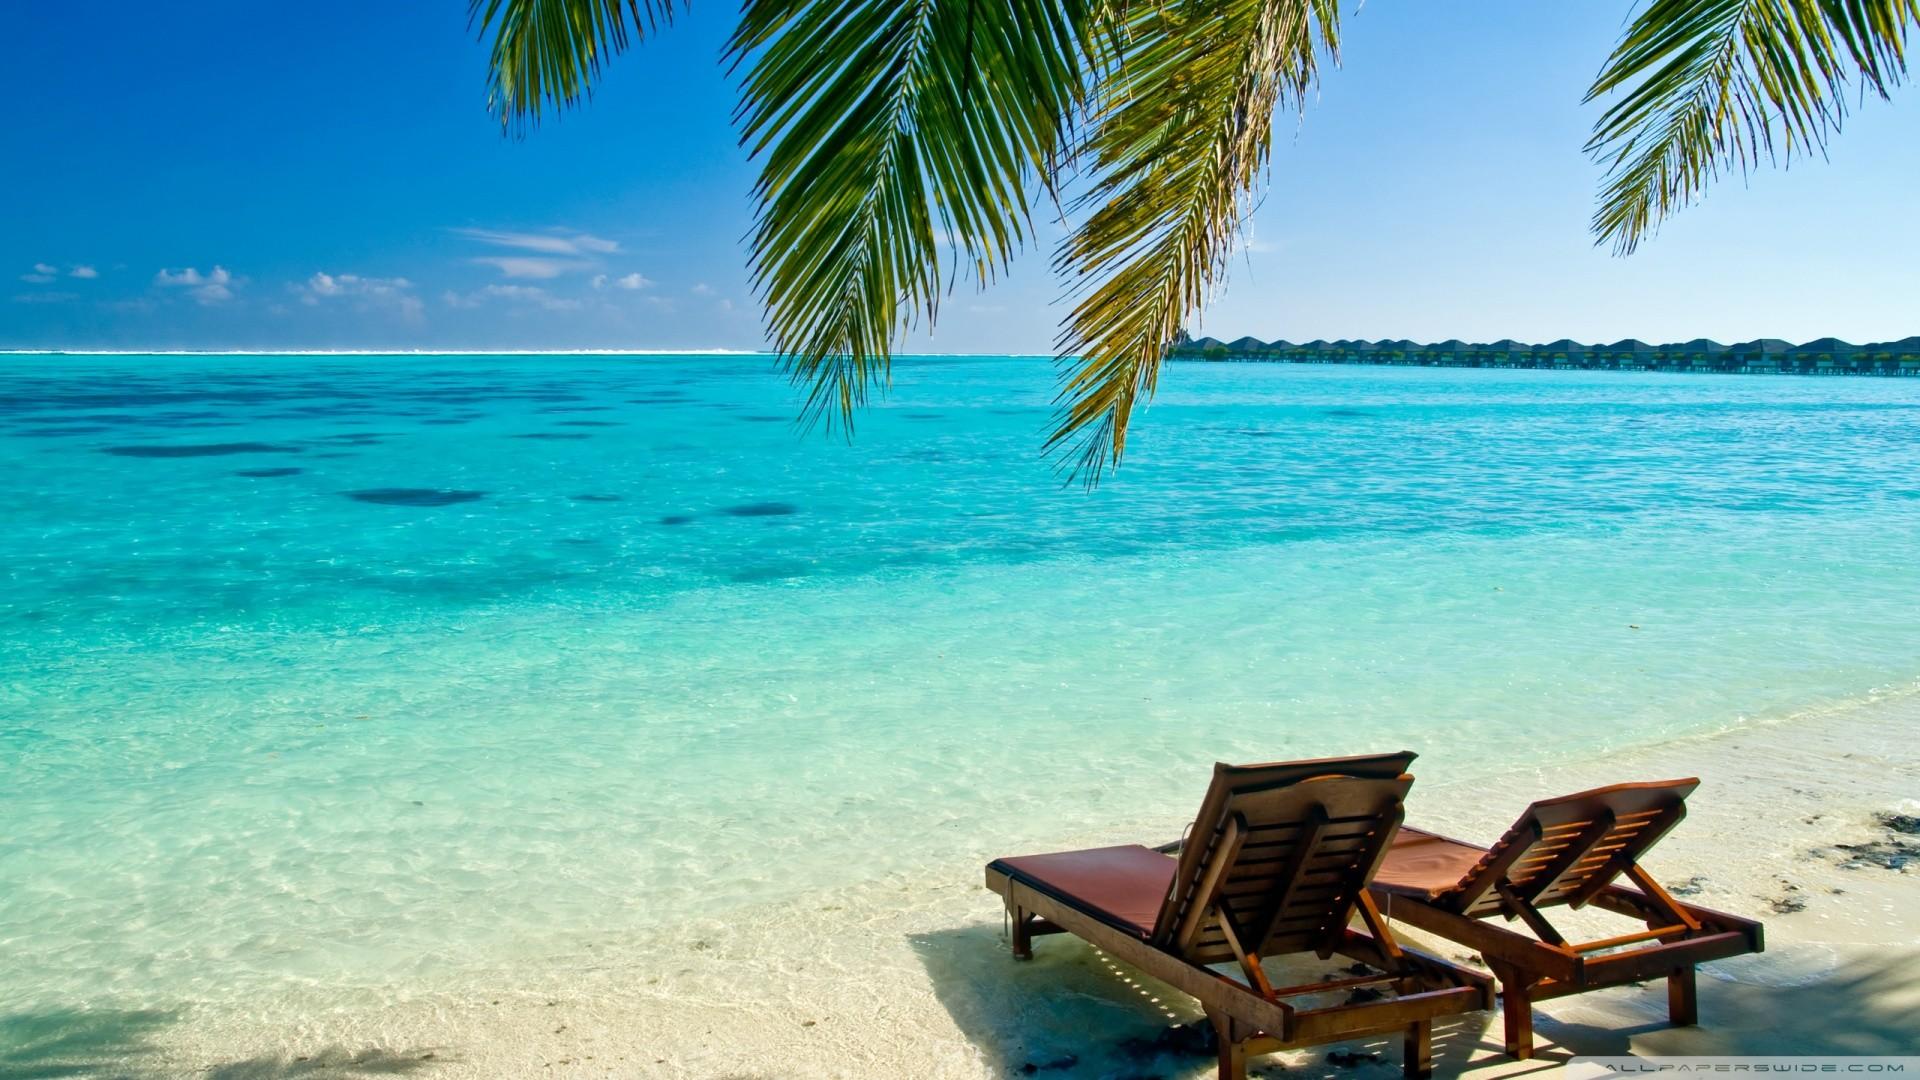 Beach Relaxing Wallpaper